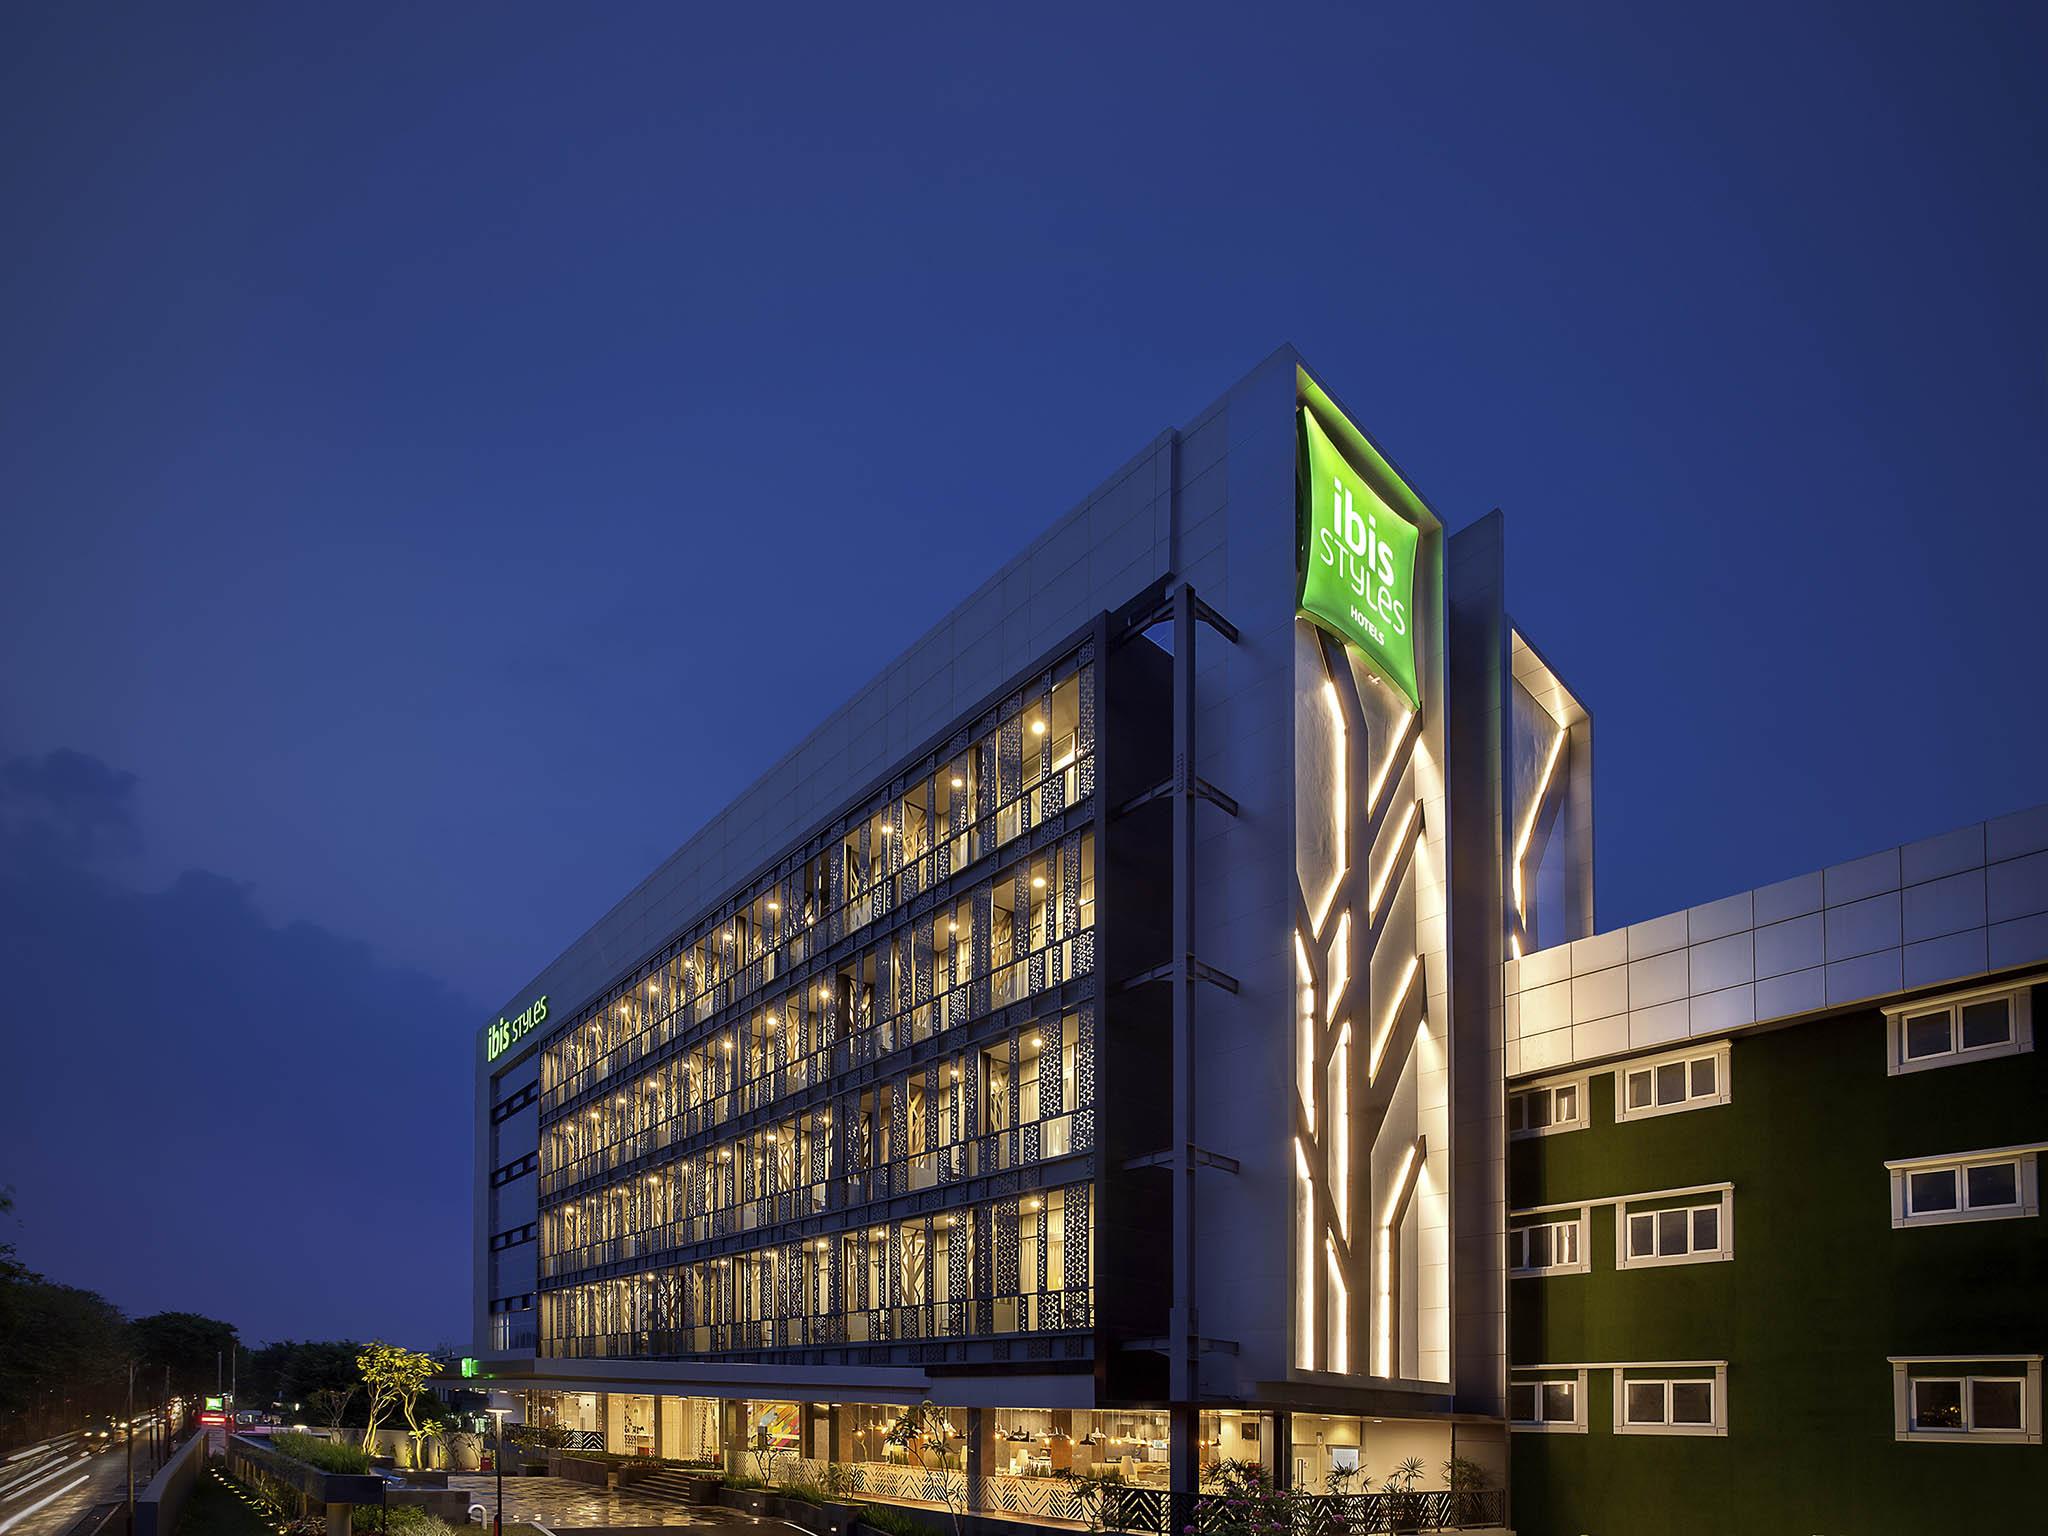 Hotel – Ibis Styles Jakarta Sunter (opening in oktober 2015)